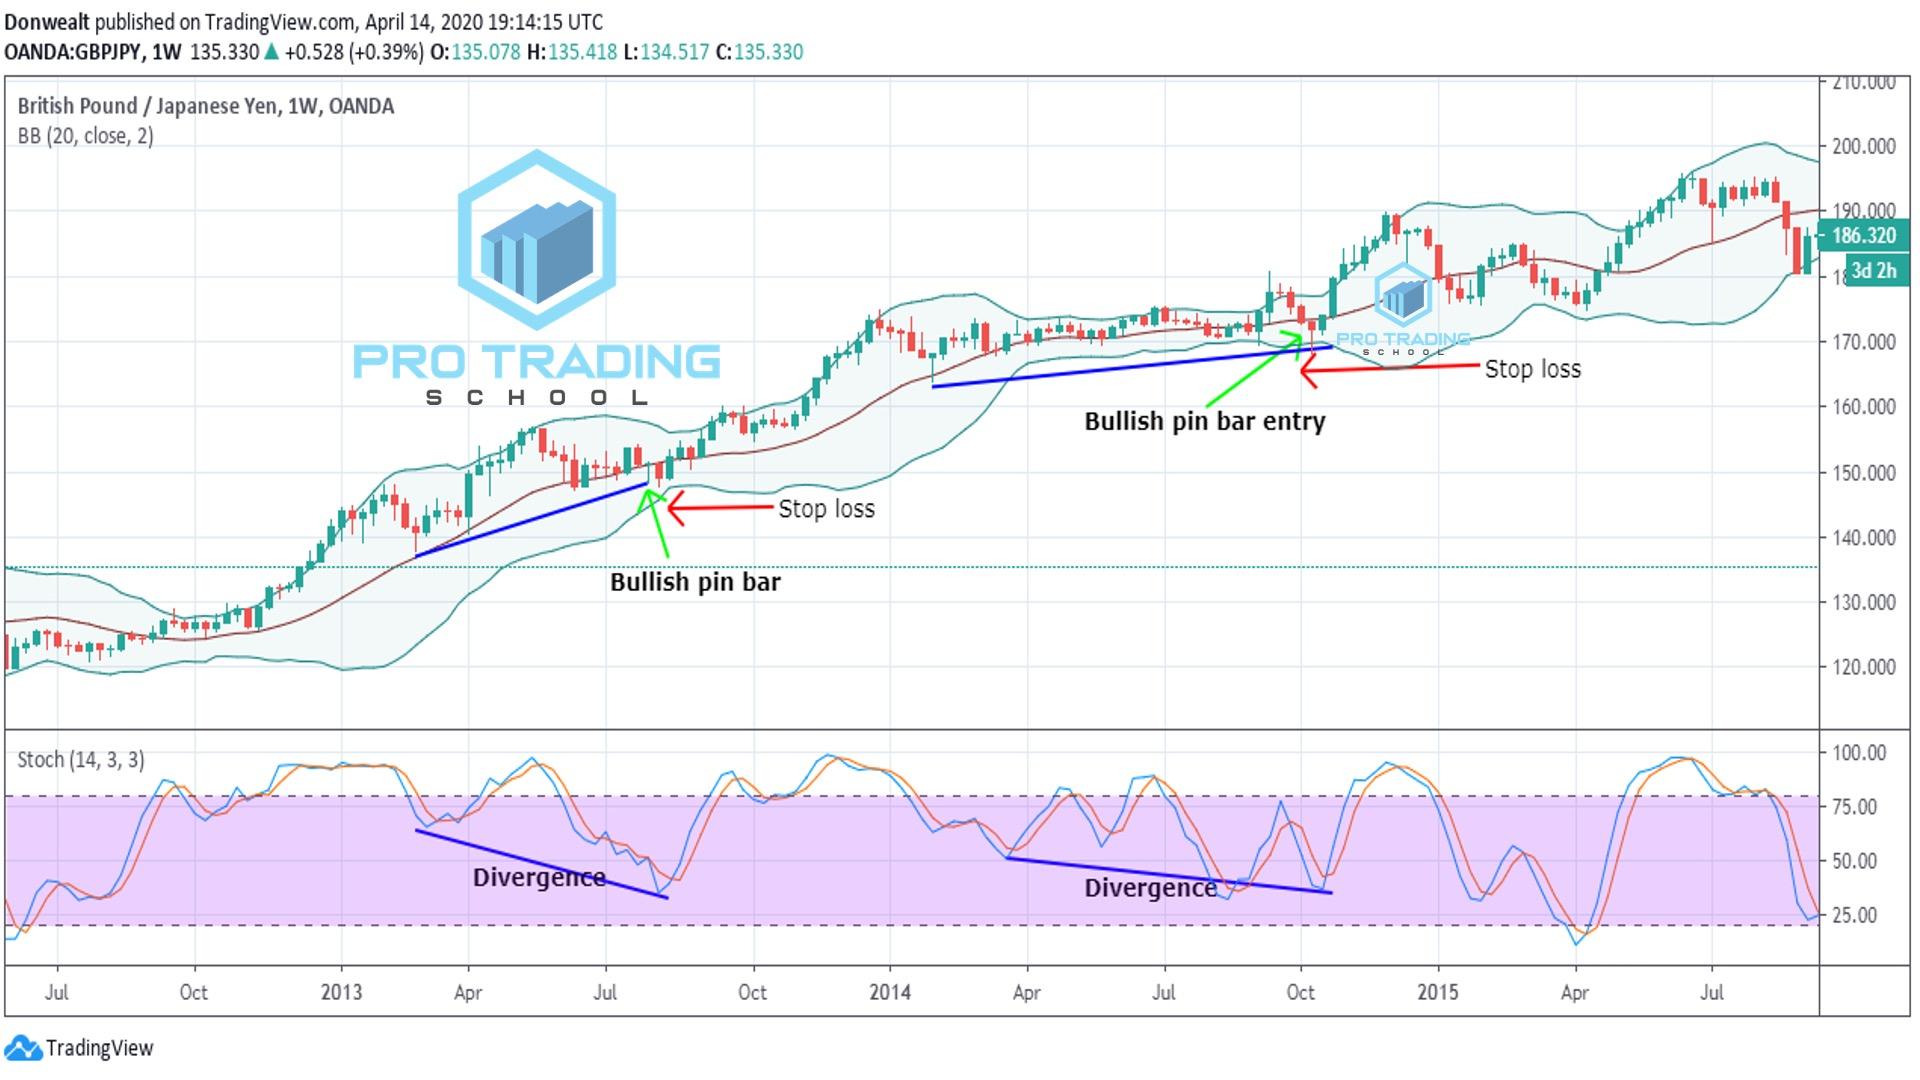 Bollinger-bands-trading-divergence